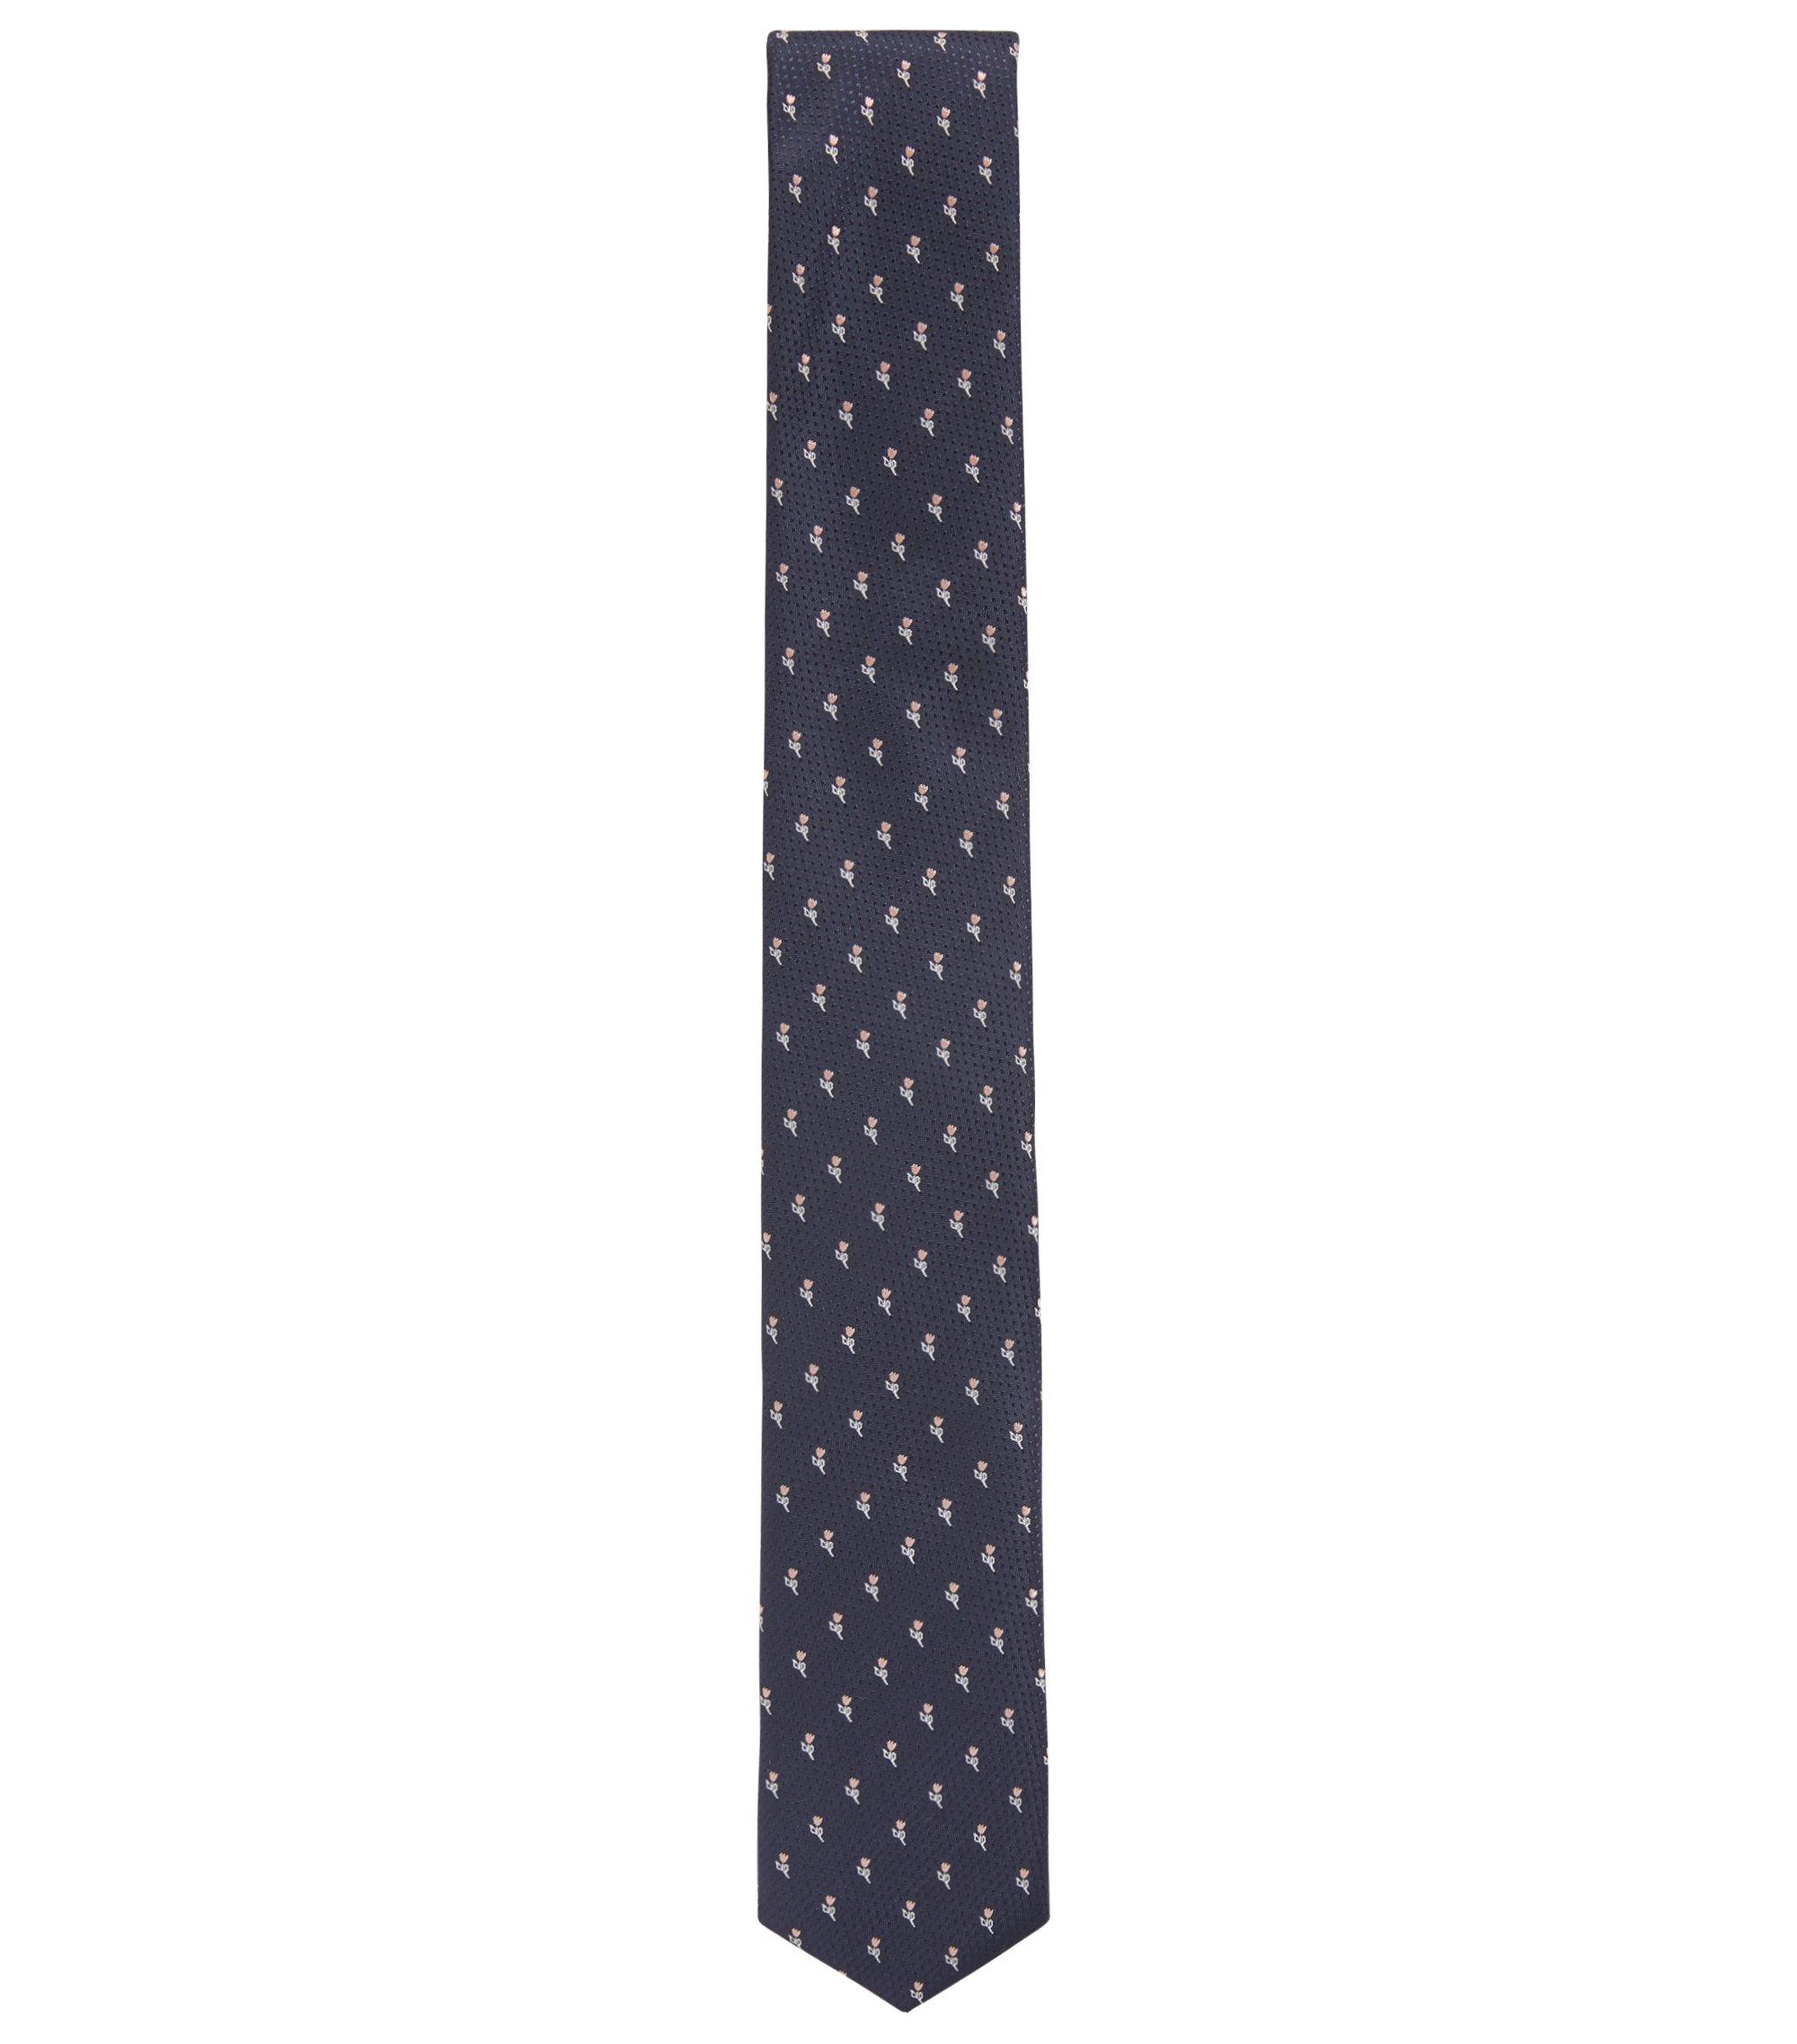 Cravate en soie imperméable de la collection Travel Line, avec motif jacquard à fleurs, Rose clair